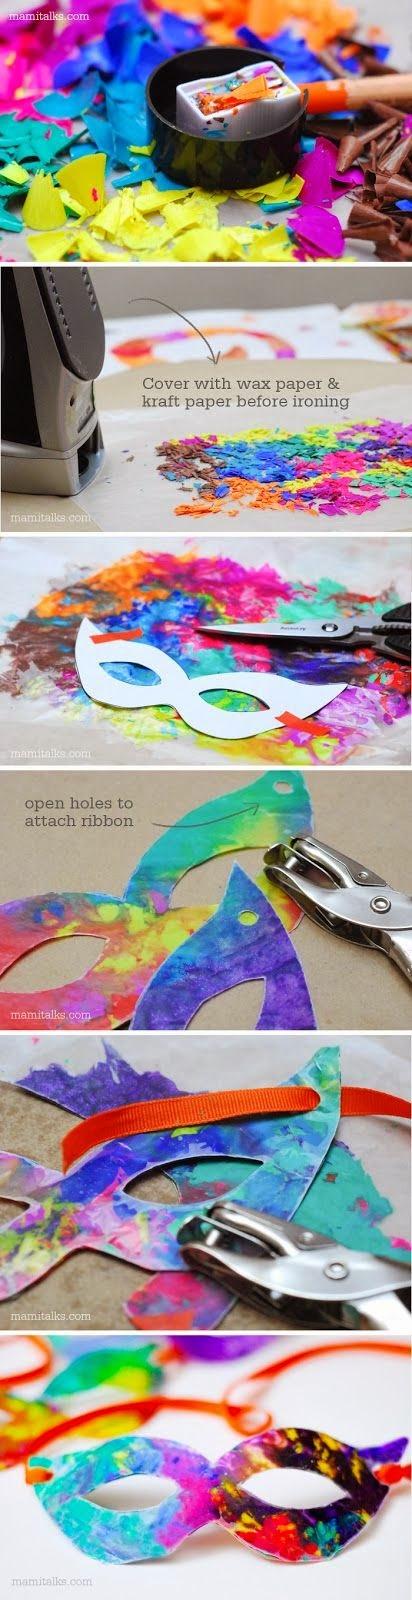 Mascaras  de carnaval C7504a75085afea1dae4ab959d65607d